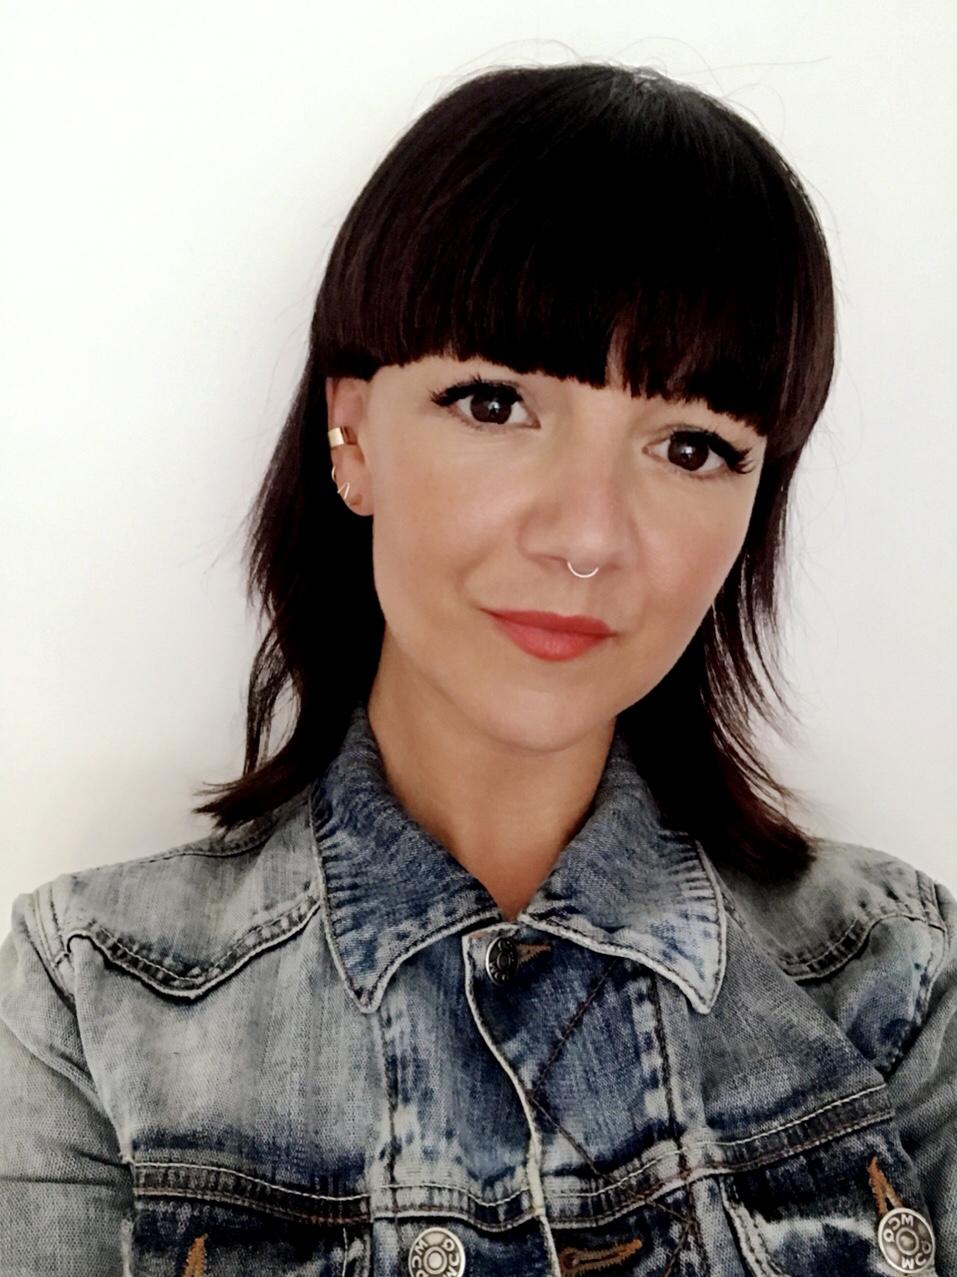 Karinna Headshot (1).jpg